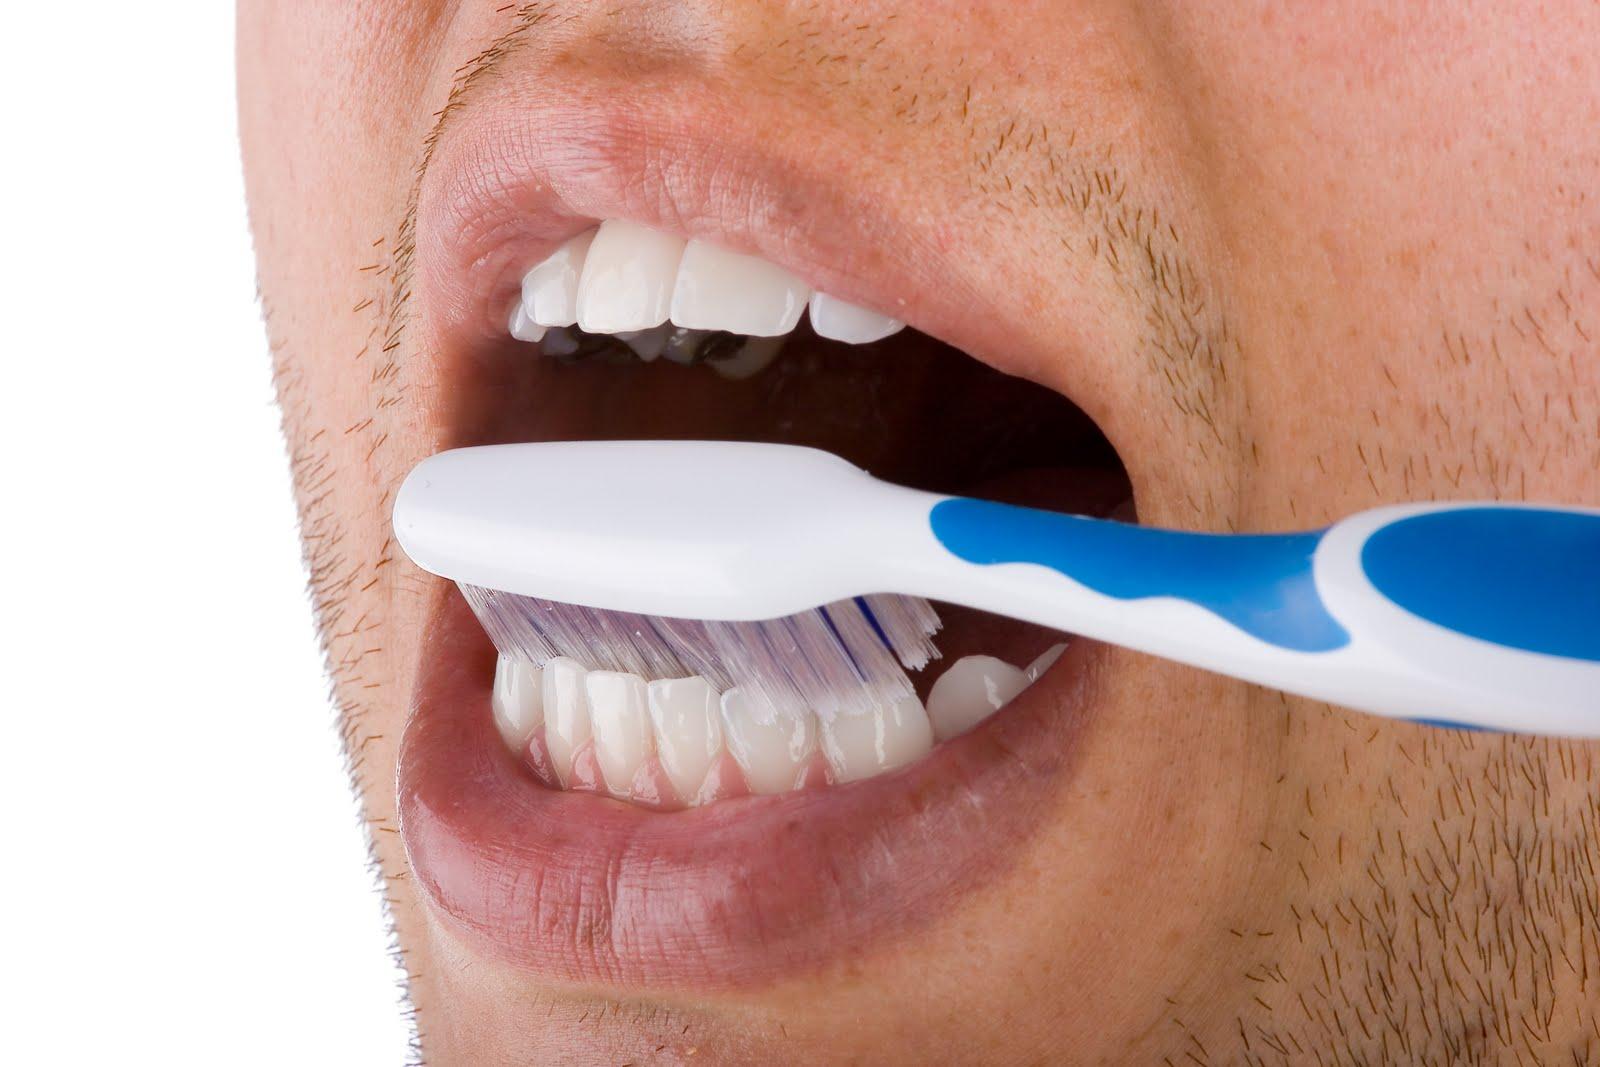 Cuestiones importantes sobre el cepillo de dientes que todos deberíamos saber